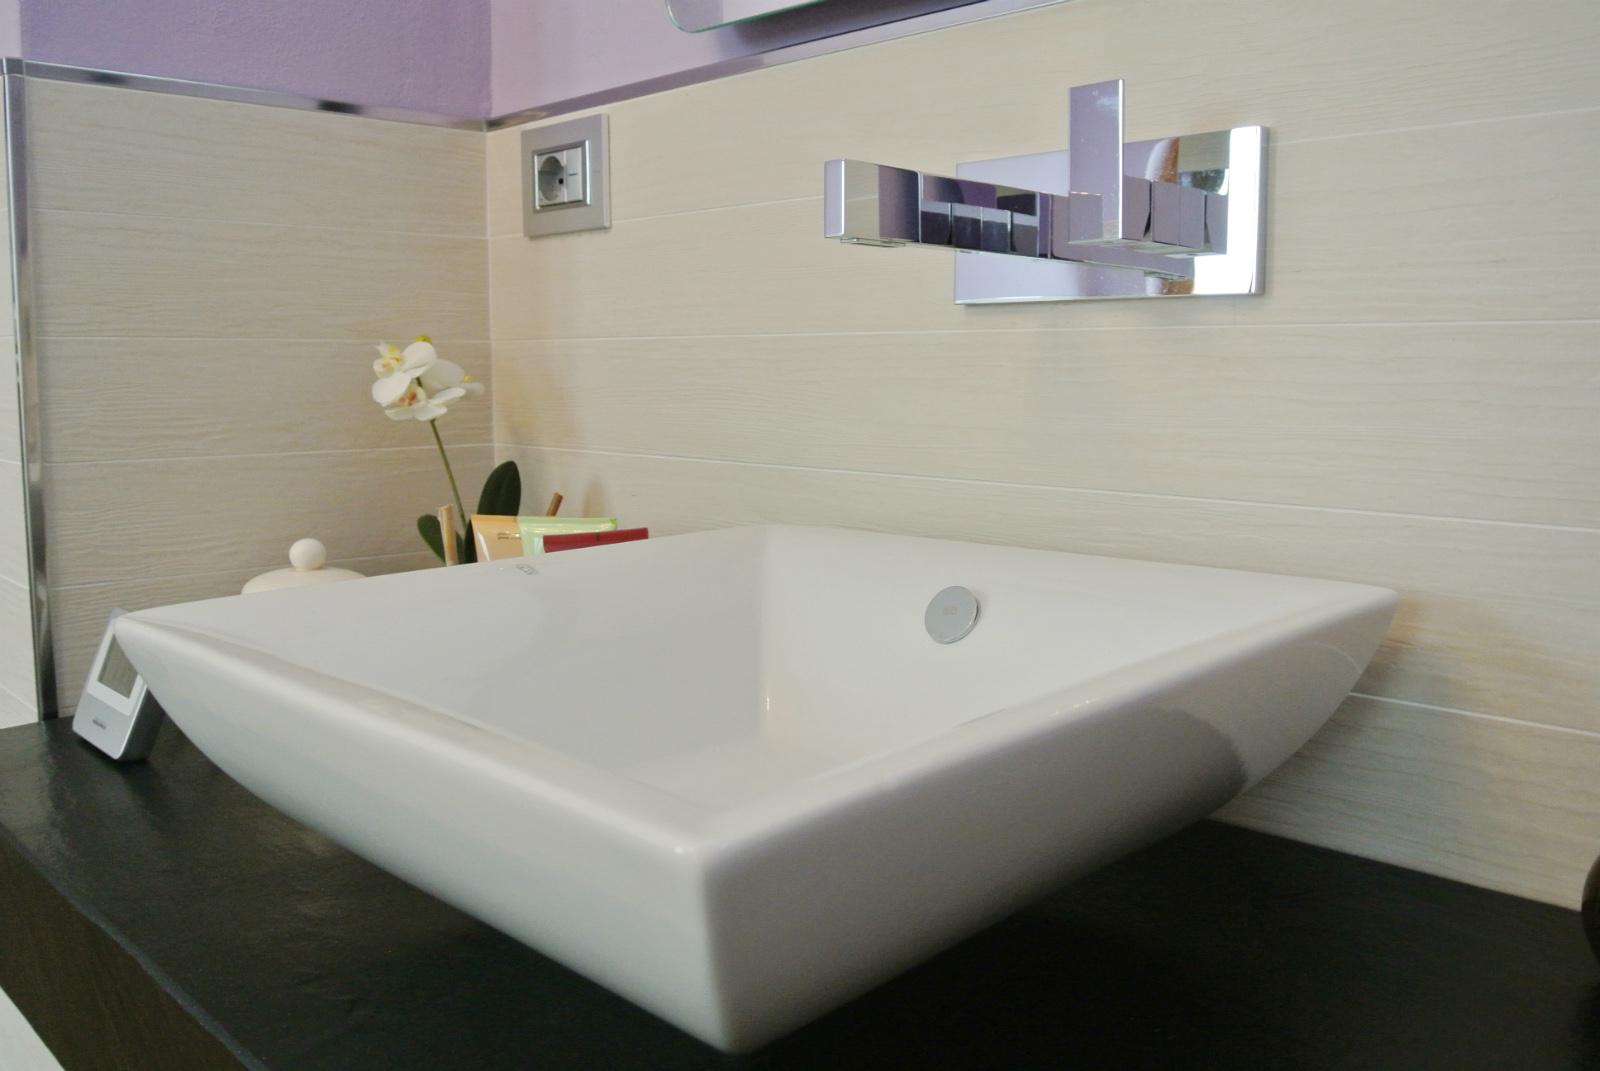 sintesibagno-verbania-svizzera-canton-ticino-piano-lavabo-arredobagno-04